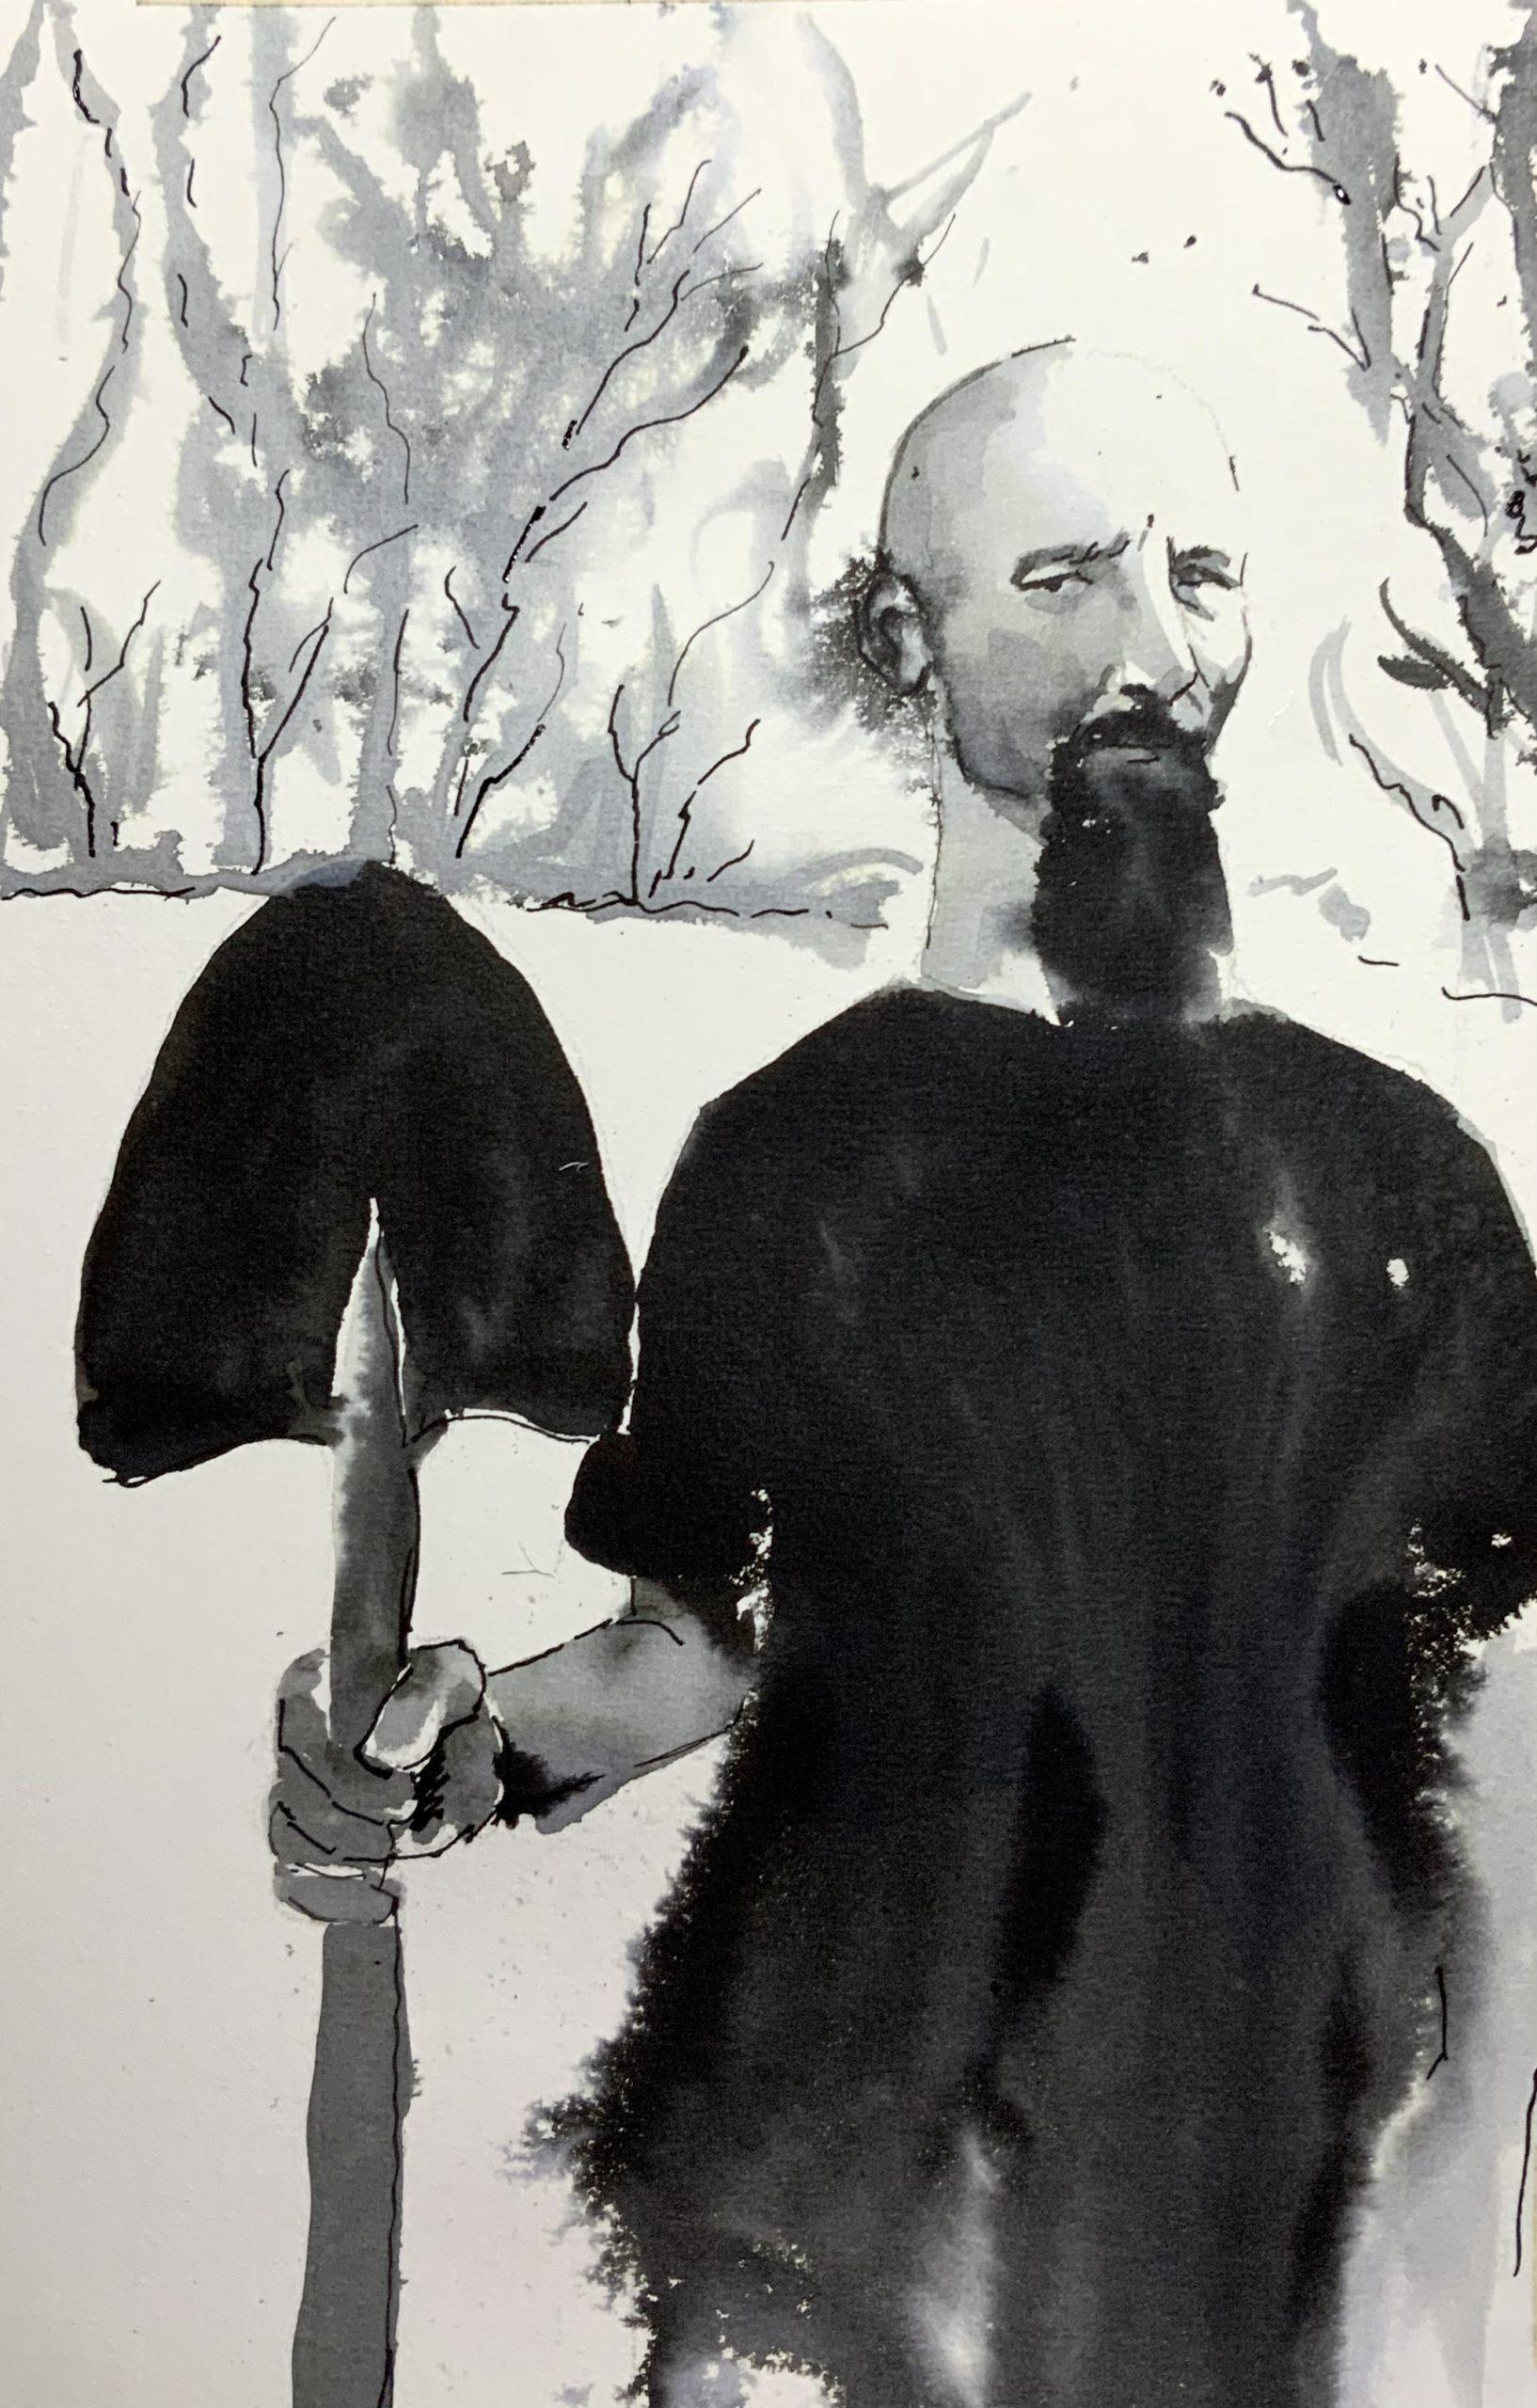 Portrait à l'encre de Rick, modèle Sktchy, pour illustrer